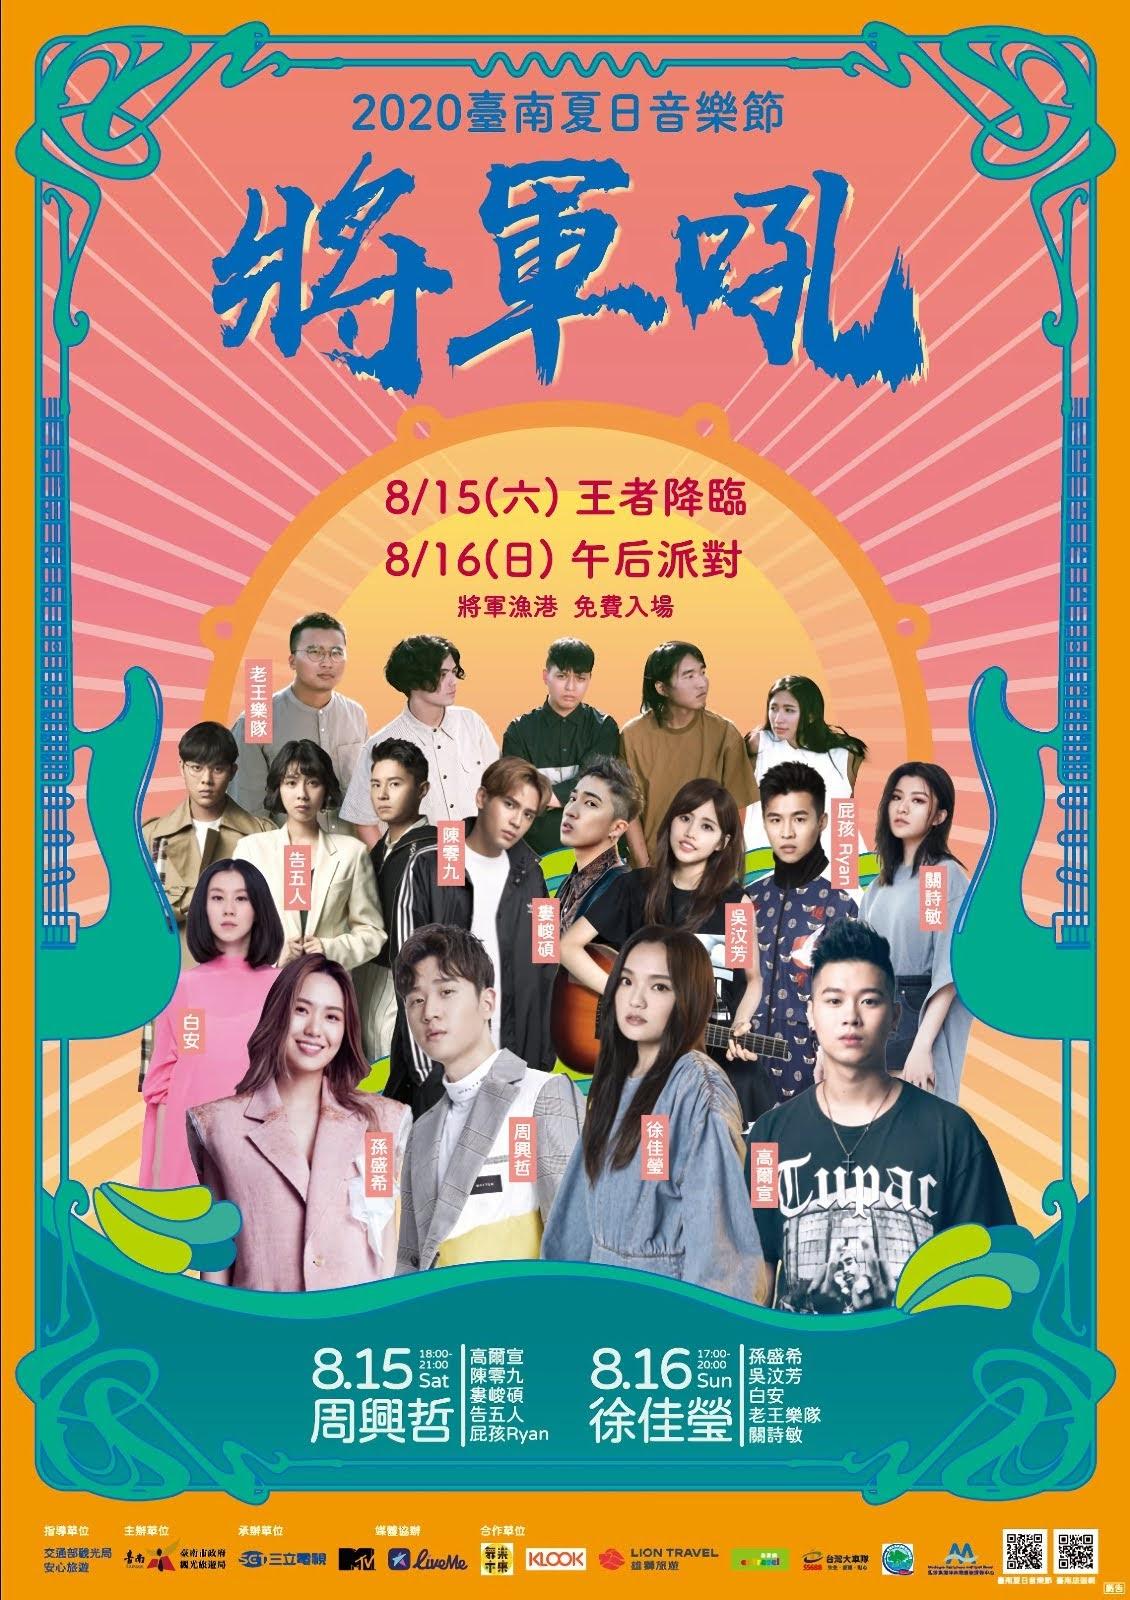 加碼!2020台南夏日音樂節【將軍吼】連辦兩天|『王者降臨』×『午后派對』|8/15-8/16免費參加!|活動